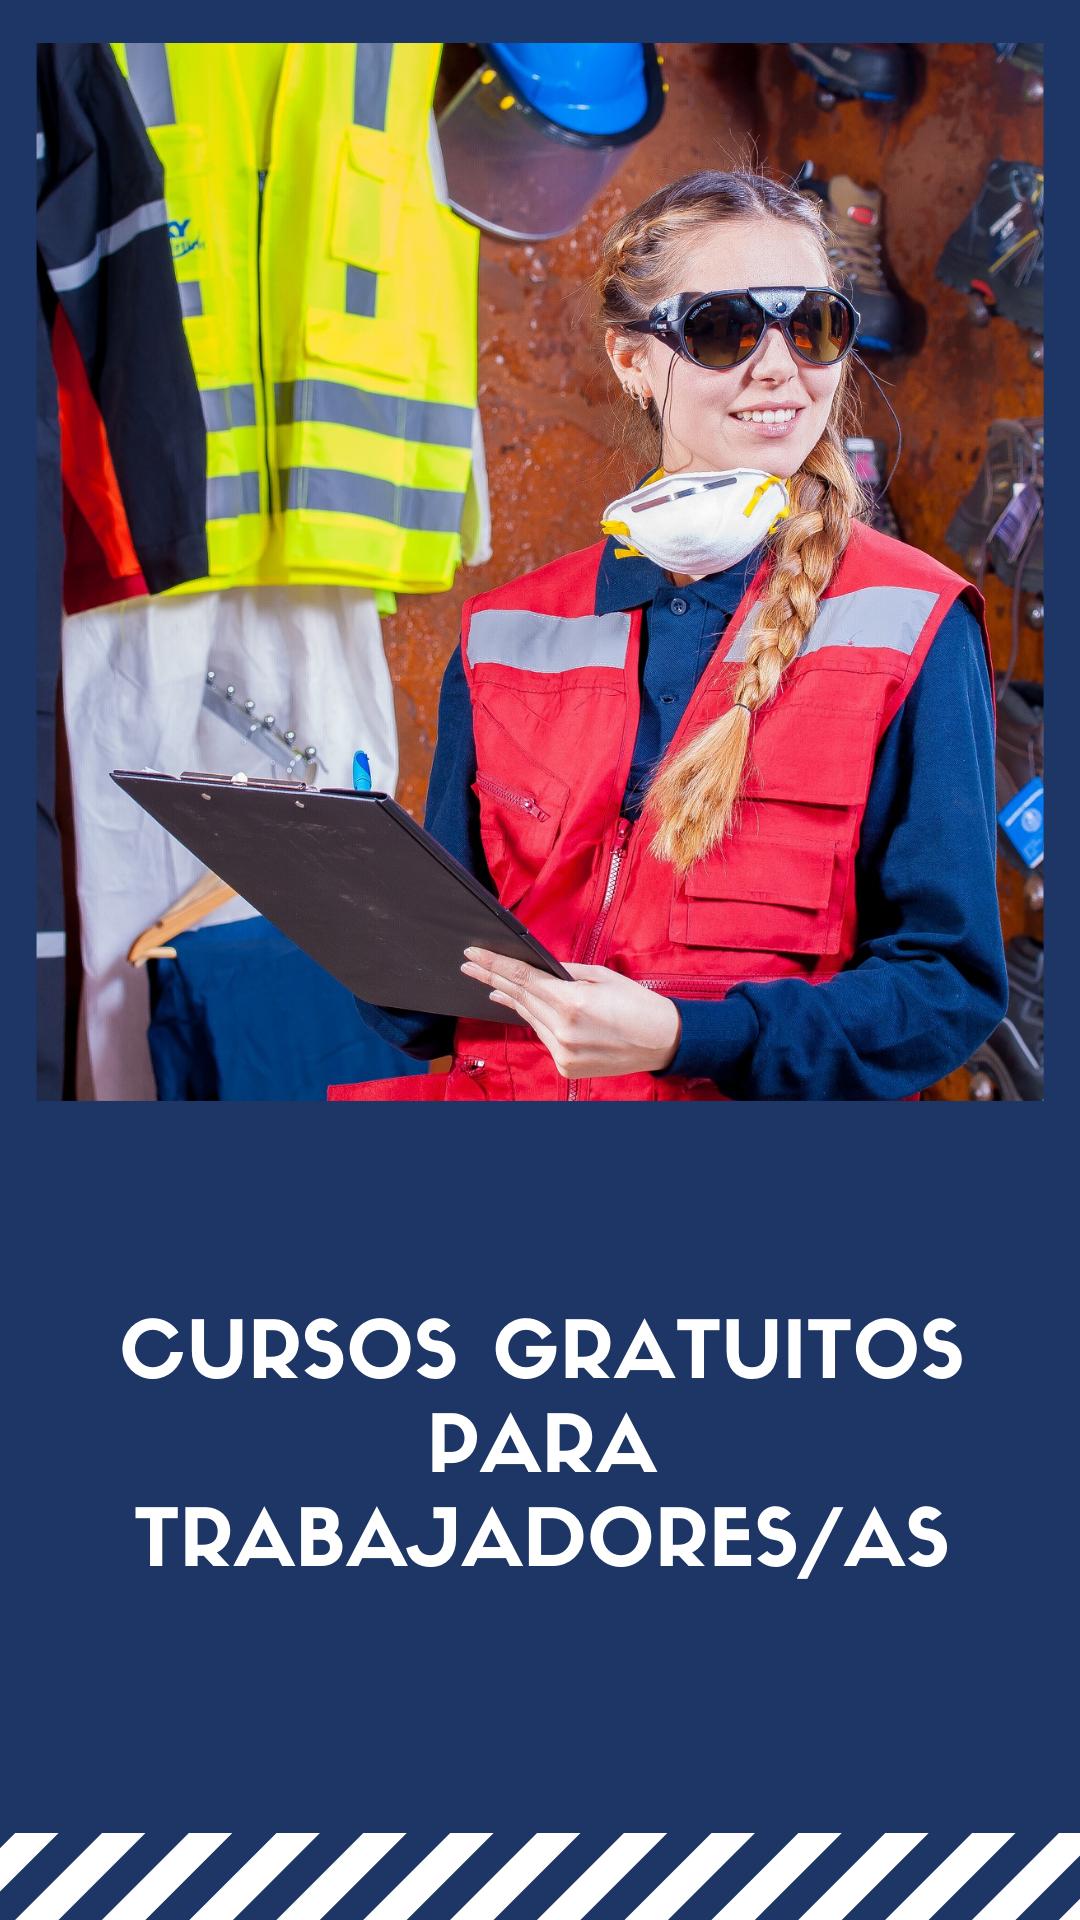 cursos-gratuitos-para-trabajadores